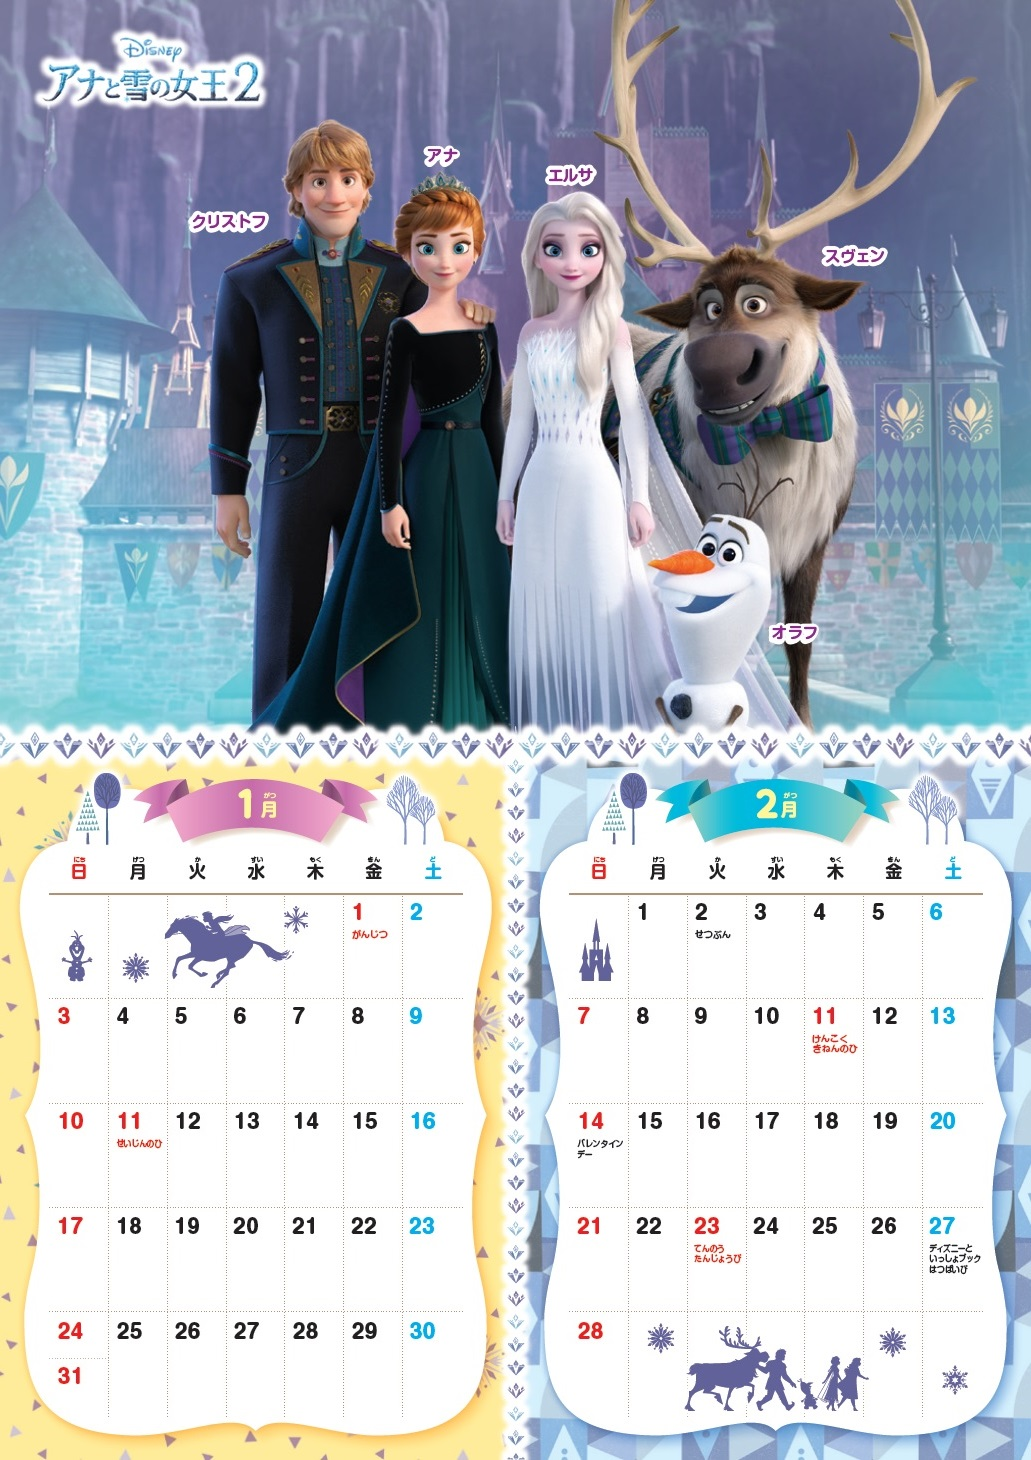 「ディズニー にんきものカレンダー2021 アナと雪の女王2」画像